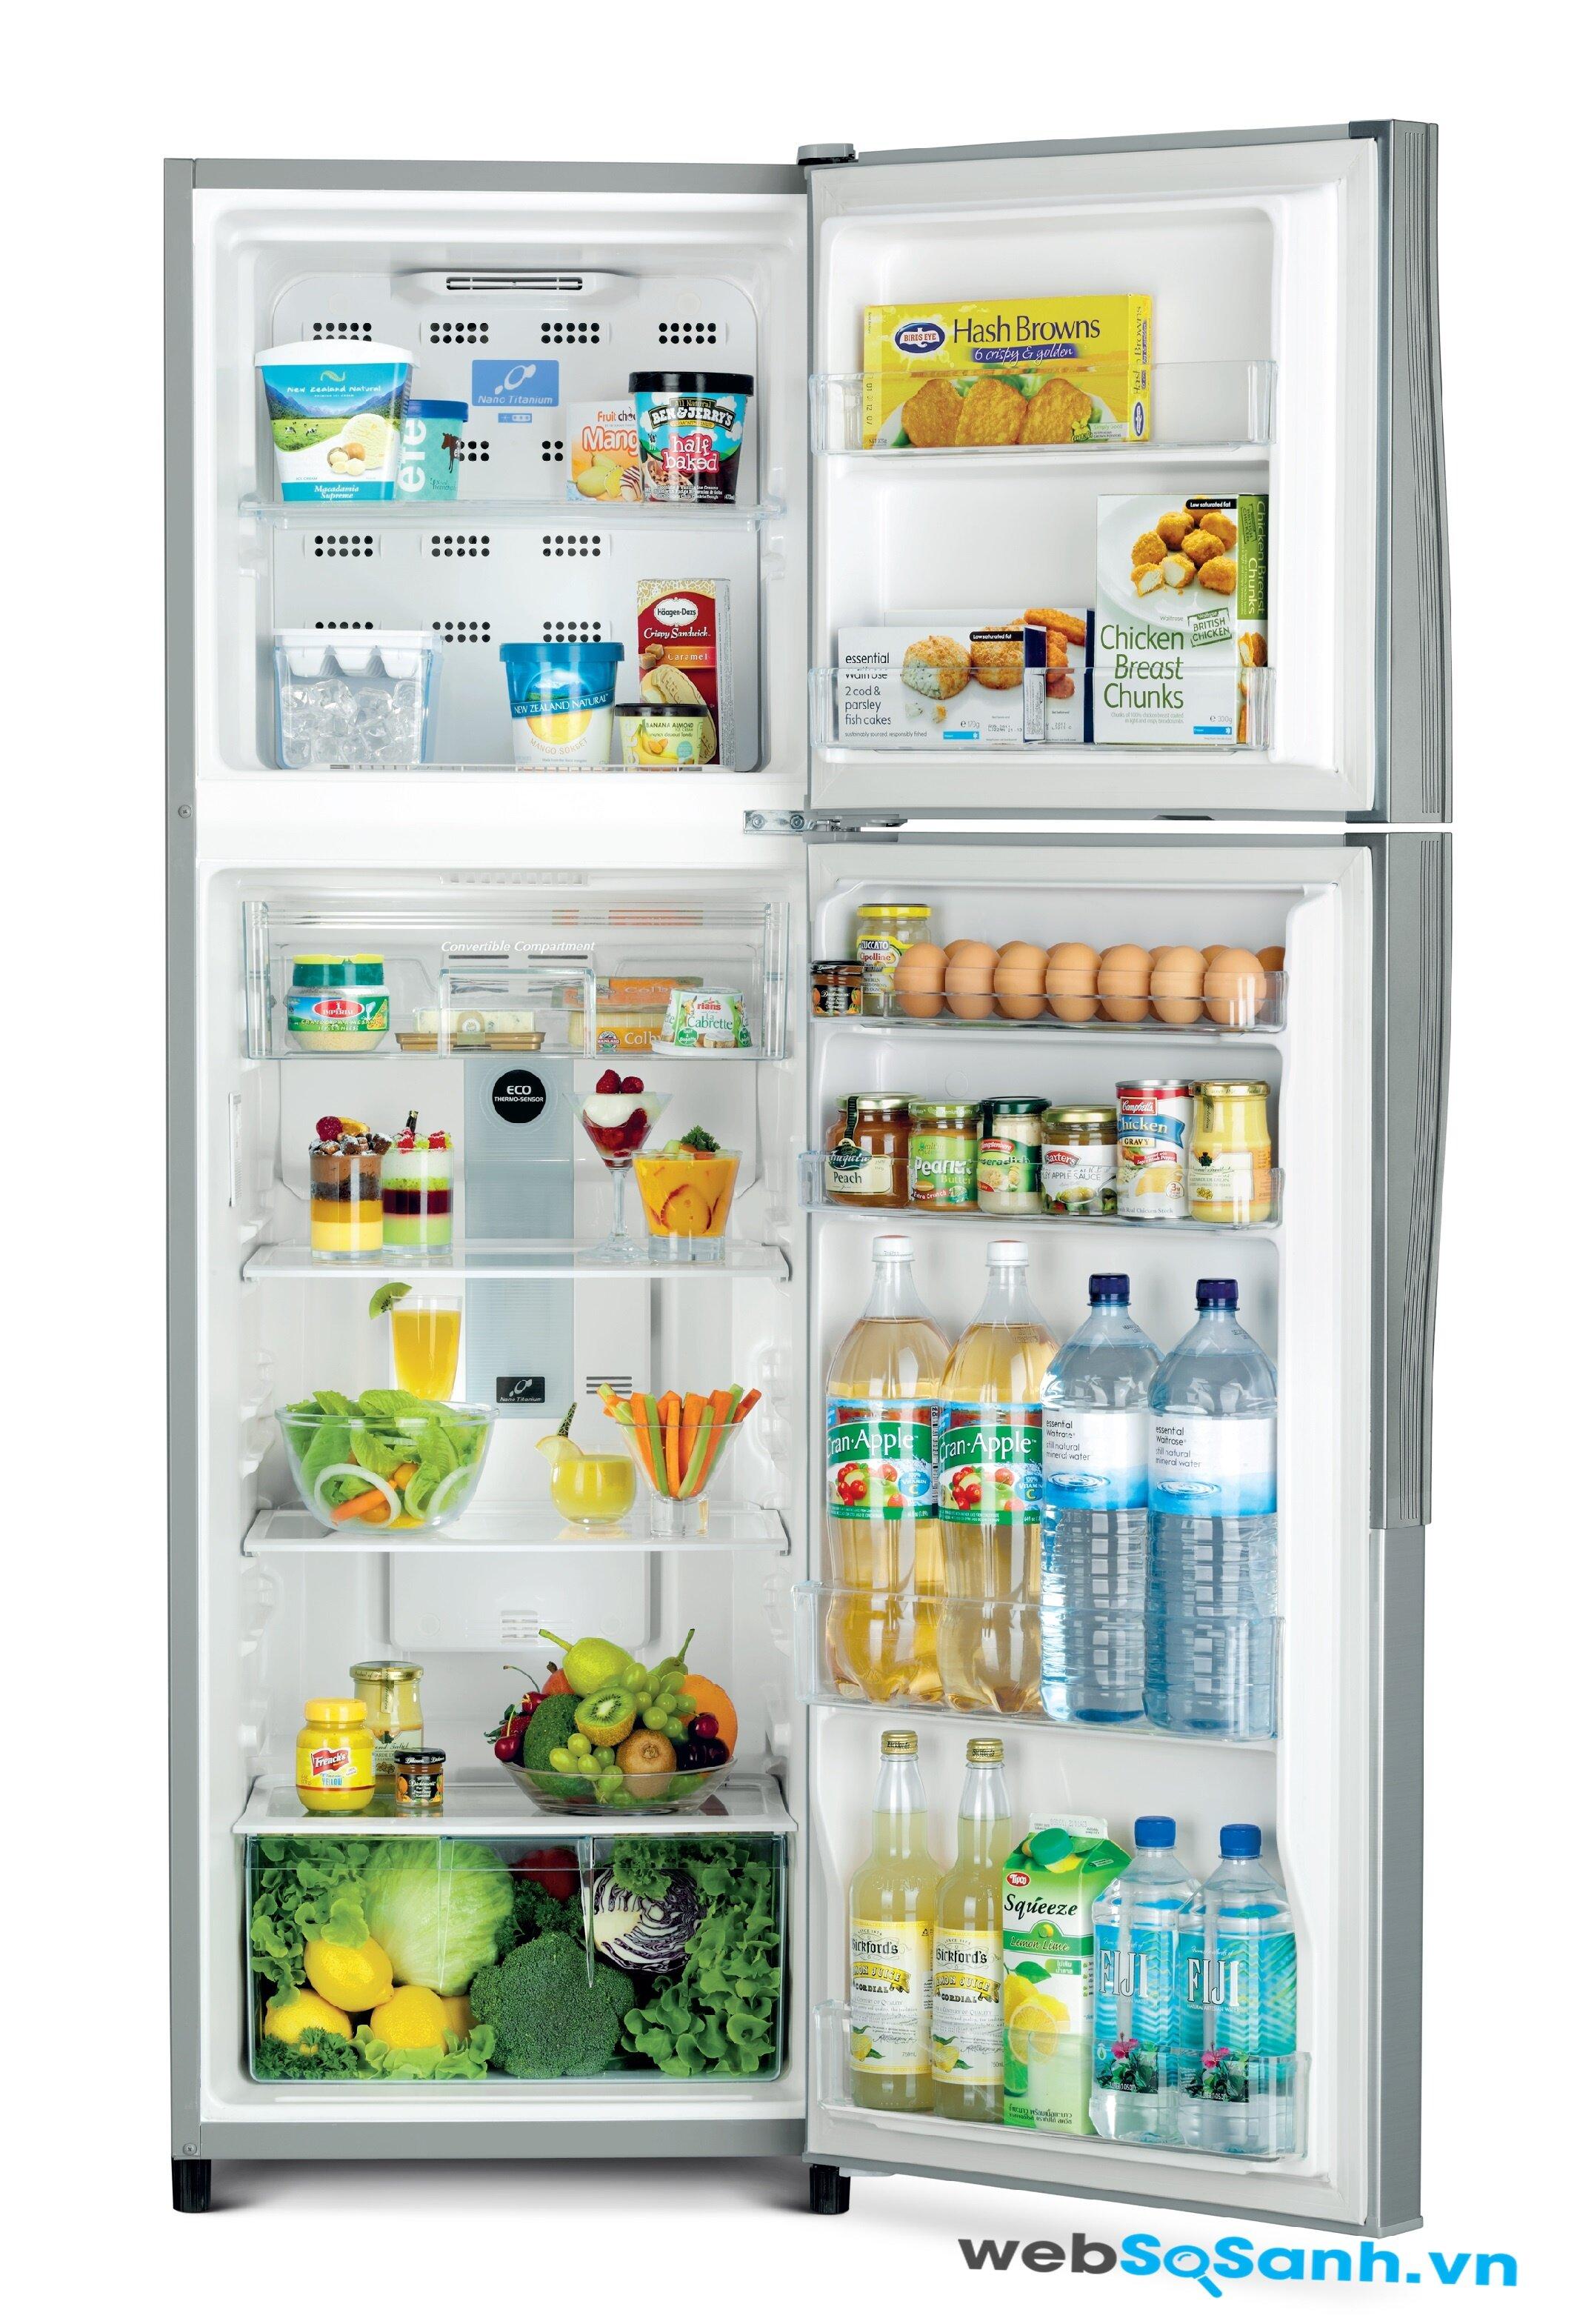 Tủ lạnh Hitachi R-T190EG1 tiết kiệm điện với cảm biến nhiệt độ Eco